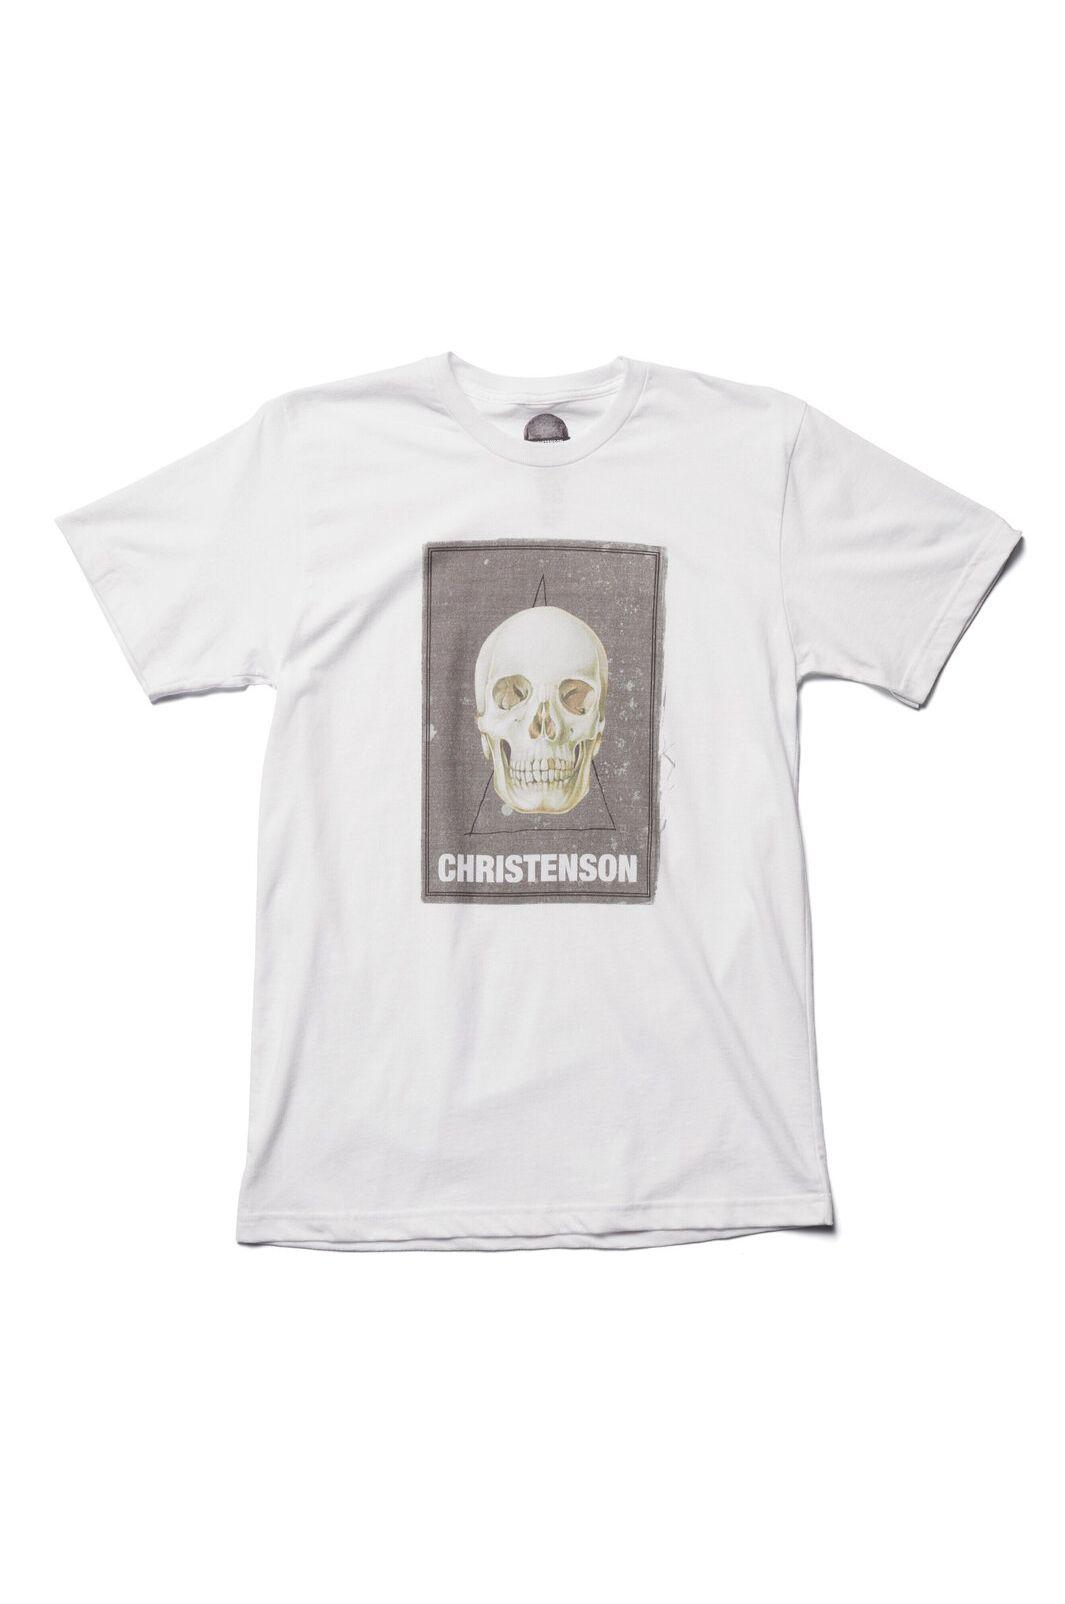 Chris Christenson T-Shirt CIGAR BOX SKULL White